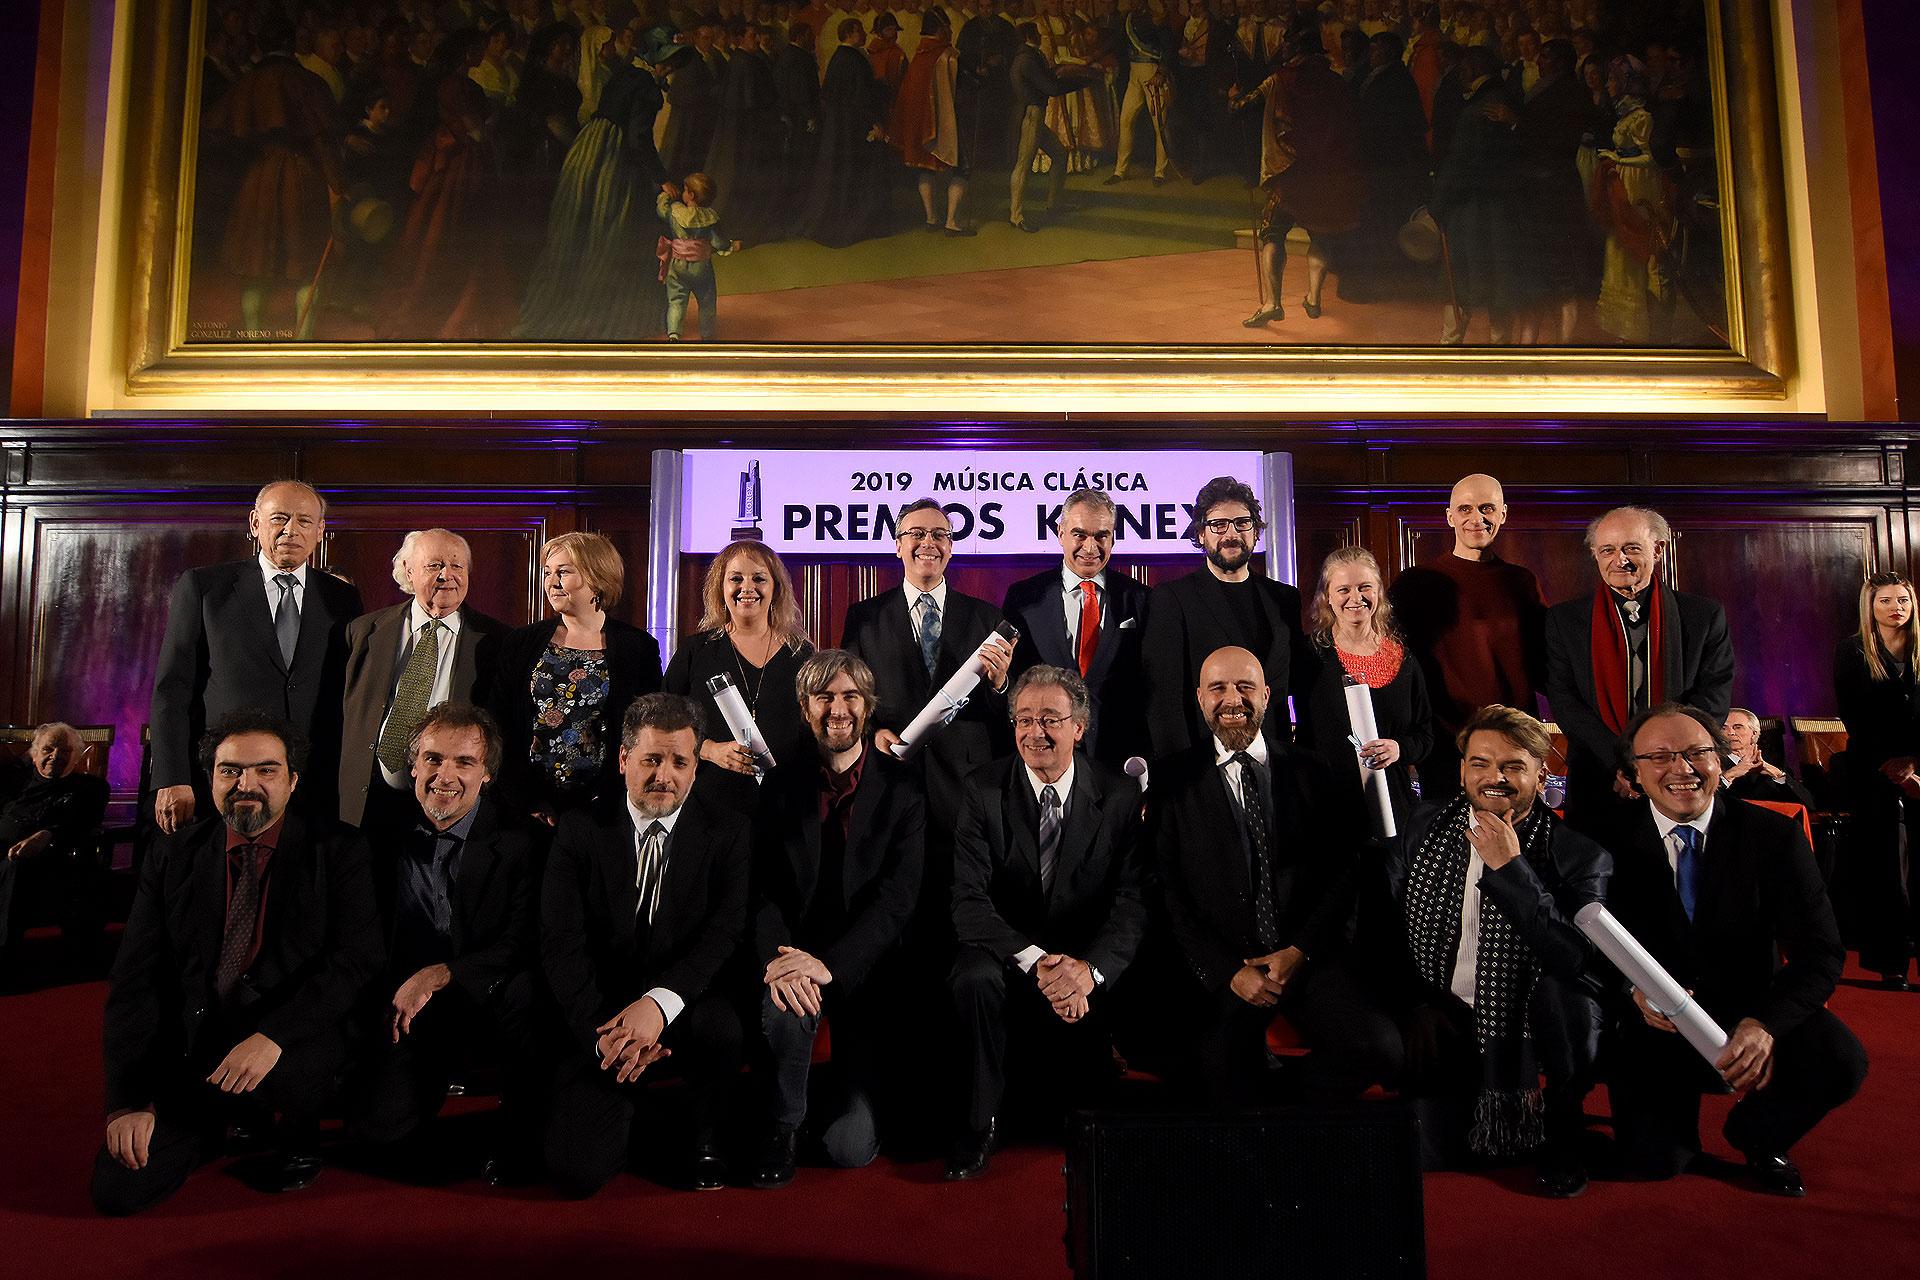 En la disciplina conjunto de Cámara los representantes de la Compañía Oblicua, Cuarteto Gianneo, Cuarteto Petrs, Manos a las Obras y Opus Trío